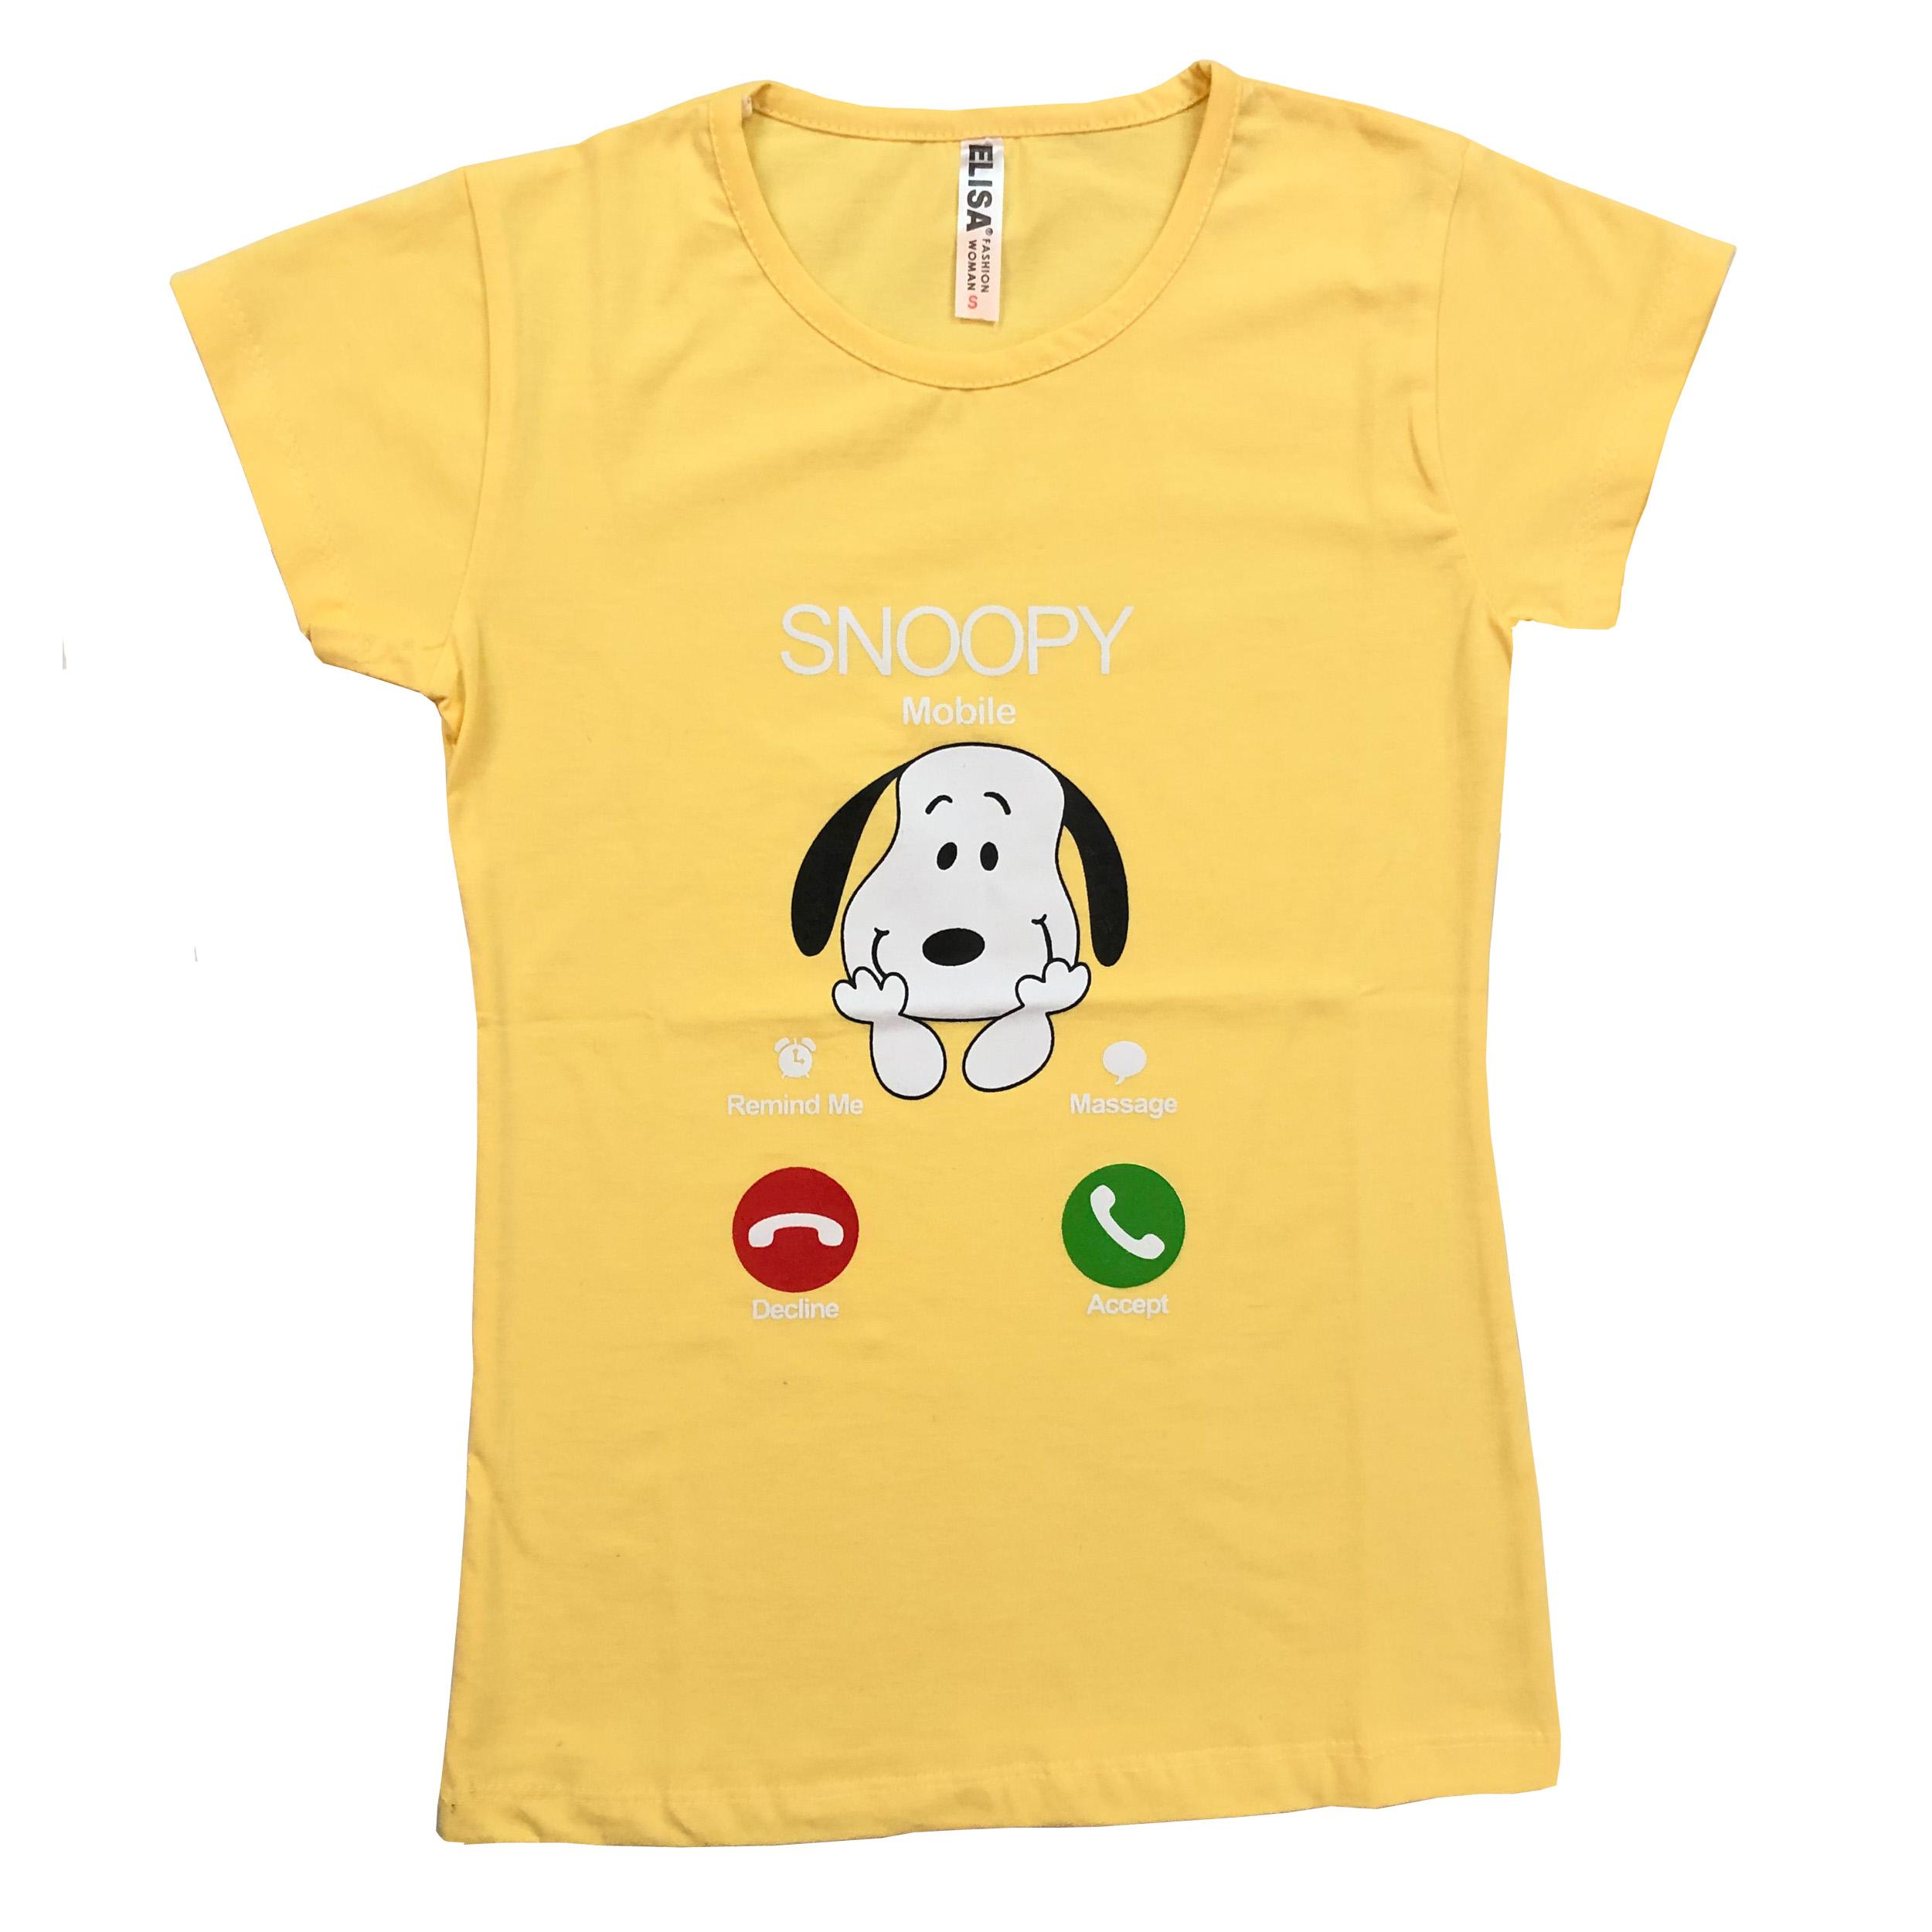 تی شرت آستین کوتاه زنانه الیسا مدل اسنوپی